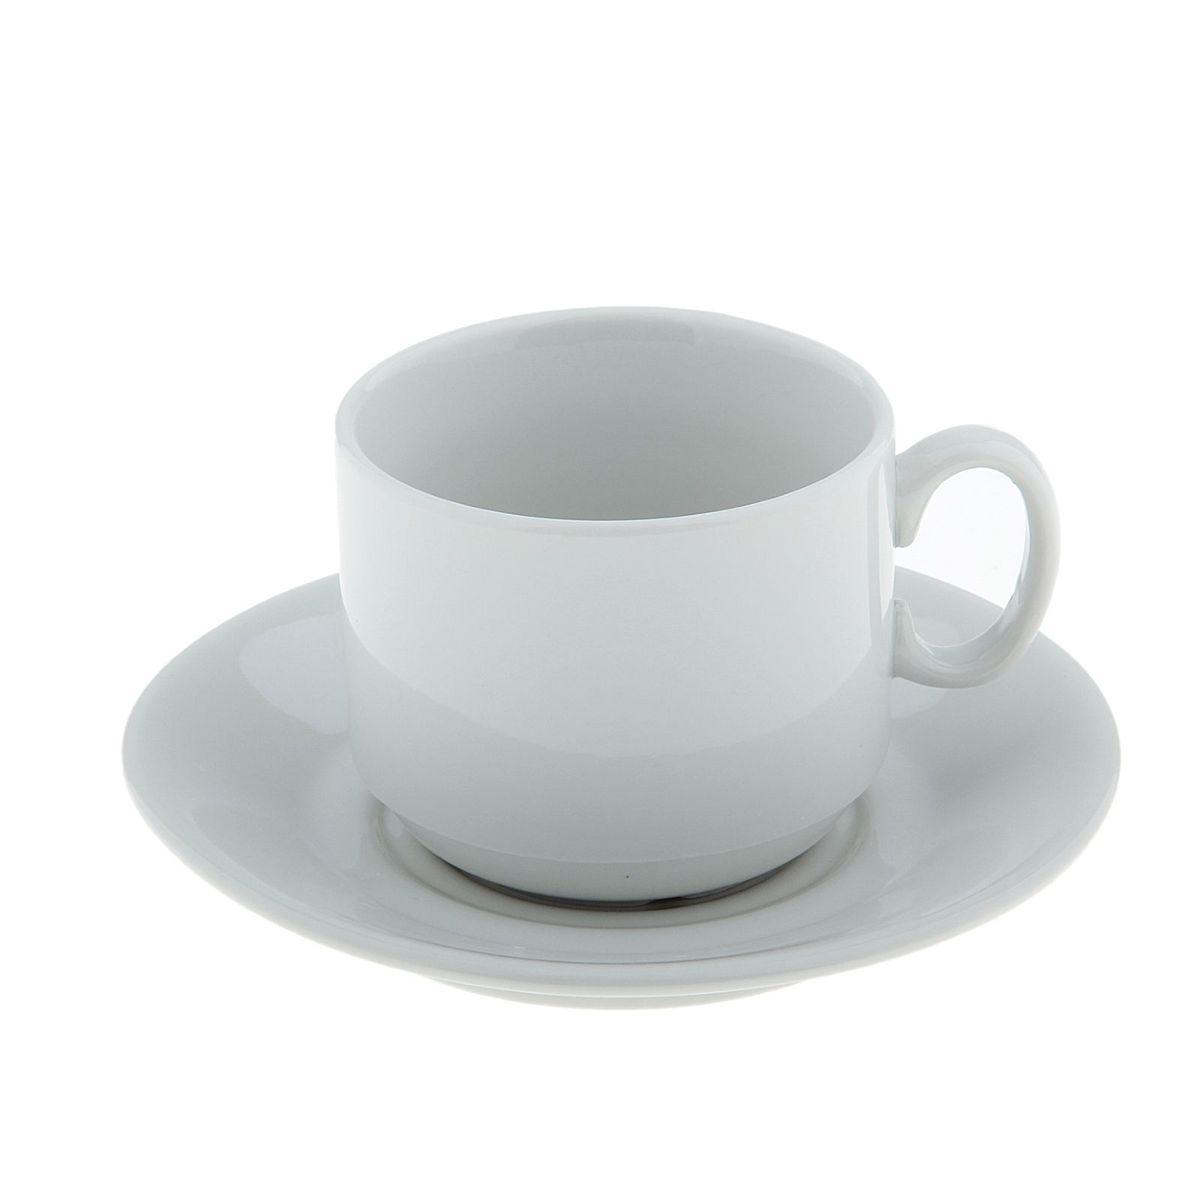 Чайная пара Экспресс. Белье, 2 предмета чайная пара фарфор вербилок капля полдня 2 предмета 1259593